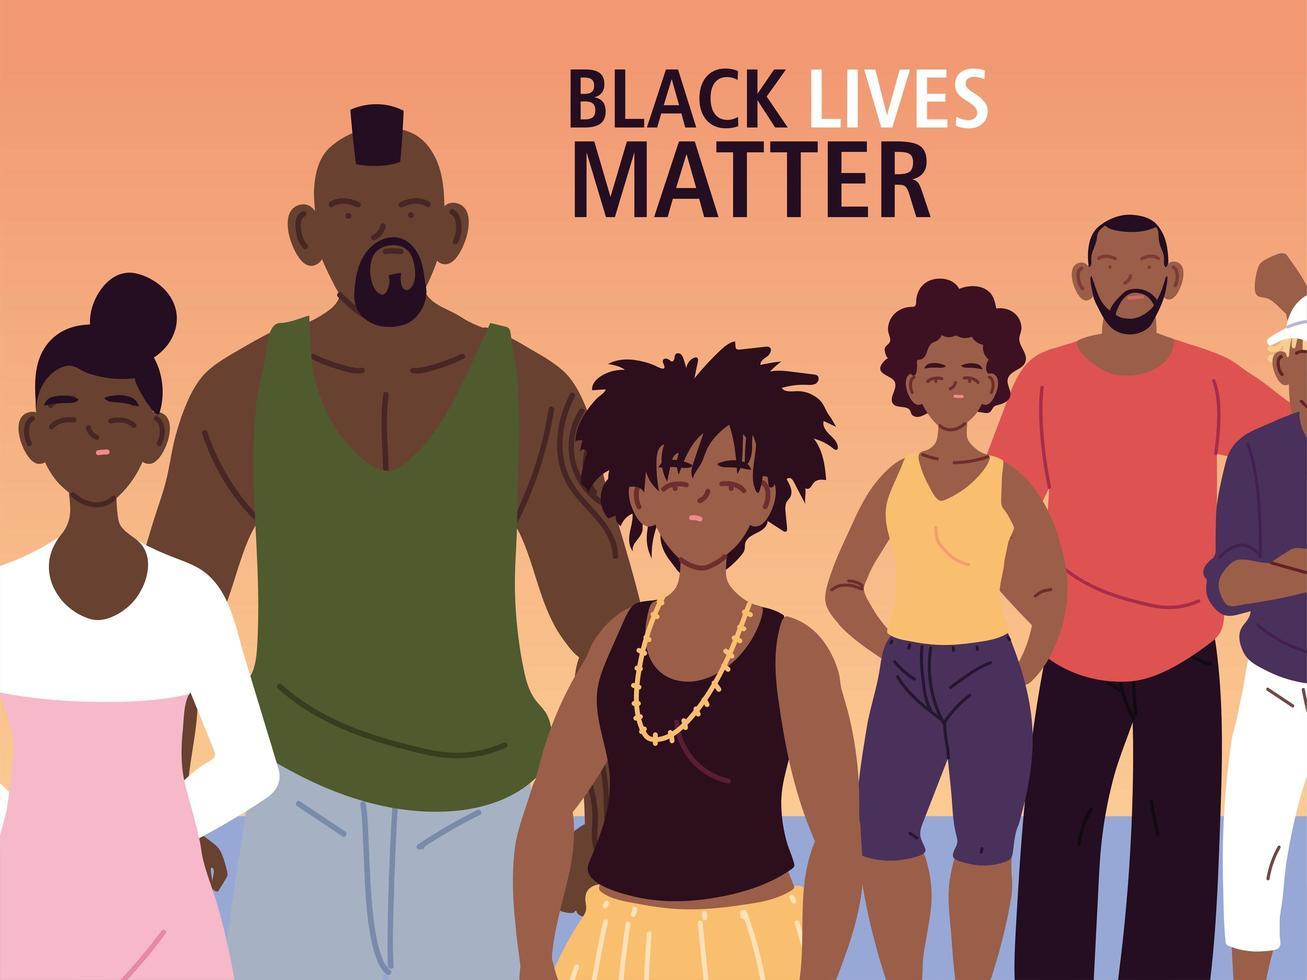 las vidas negras importan con las familias vector